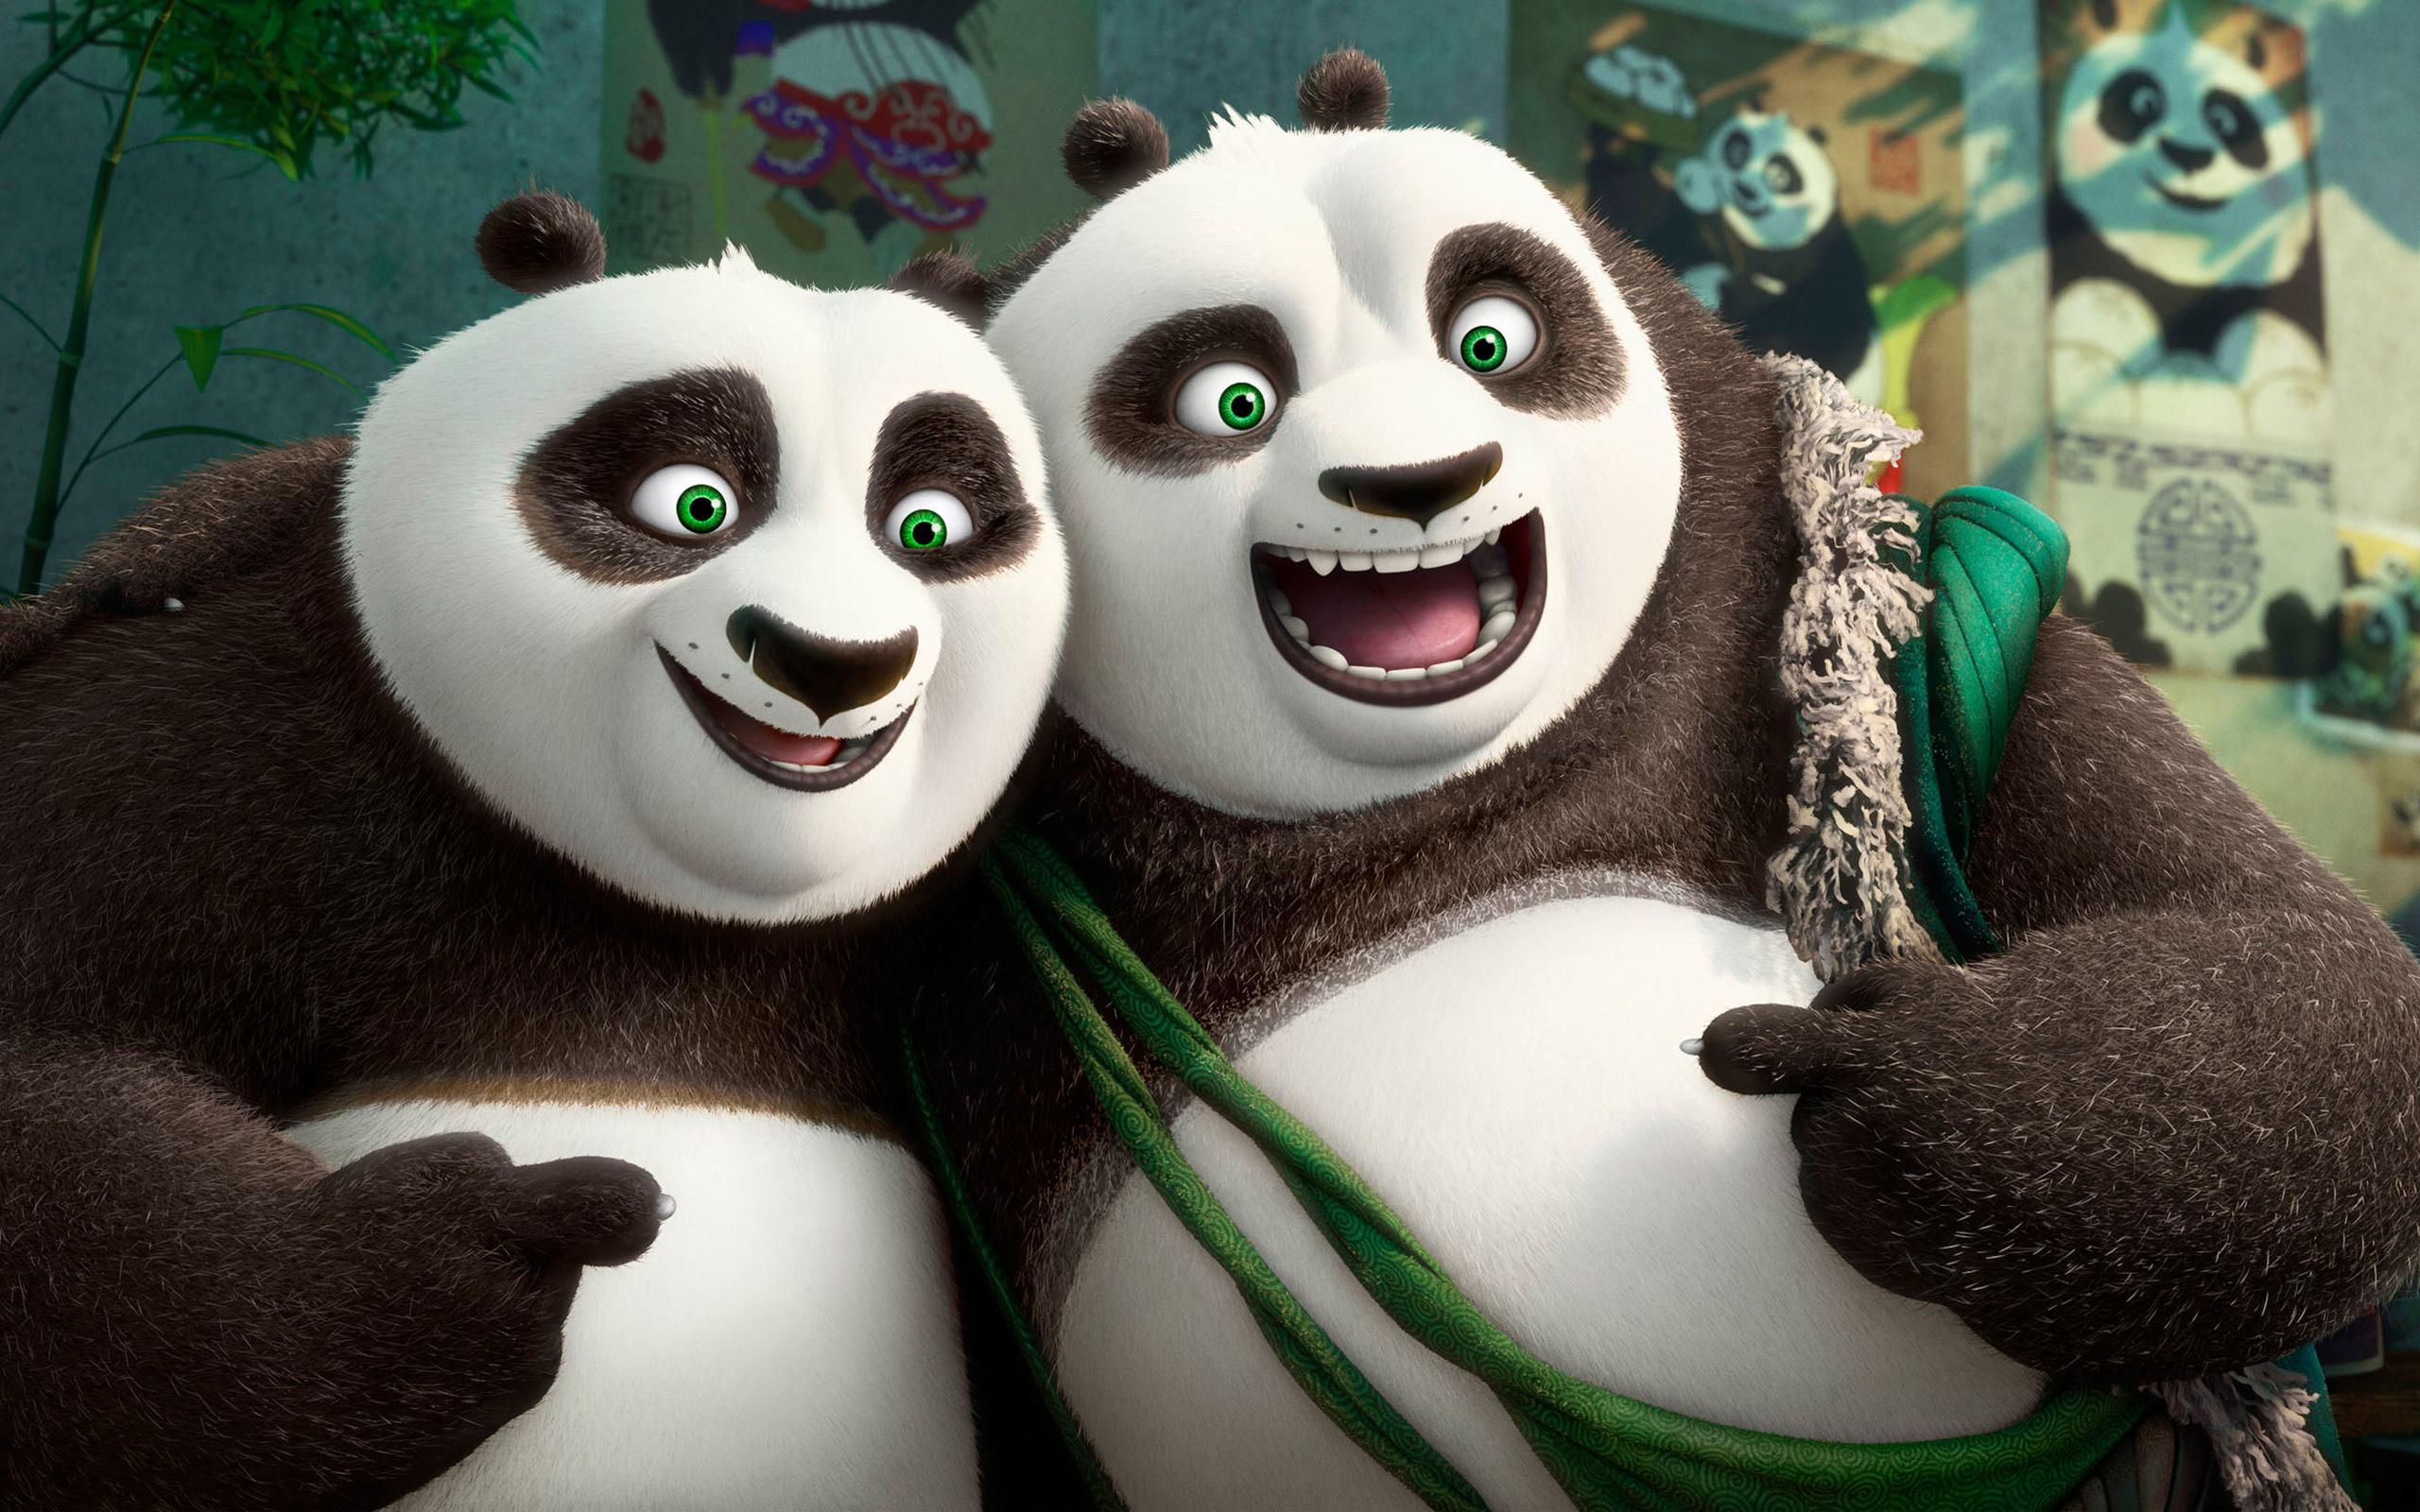 картинки кунфу панда смотреть отличии большинства выбрал